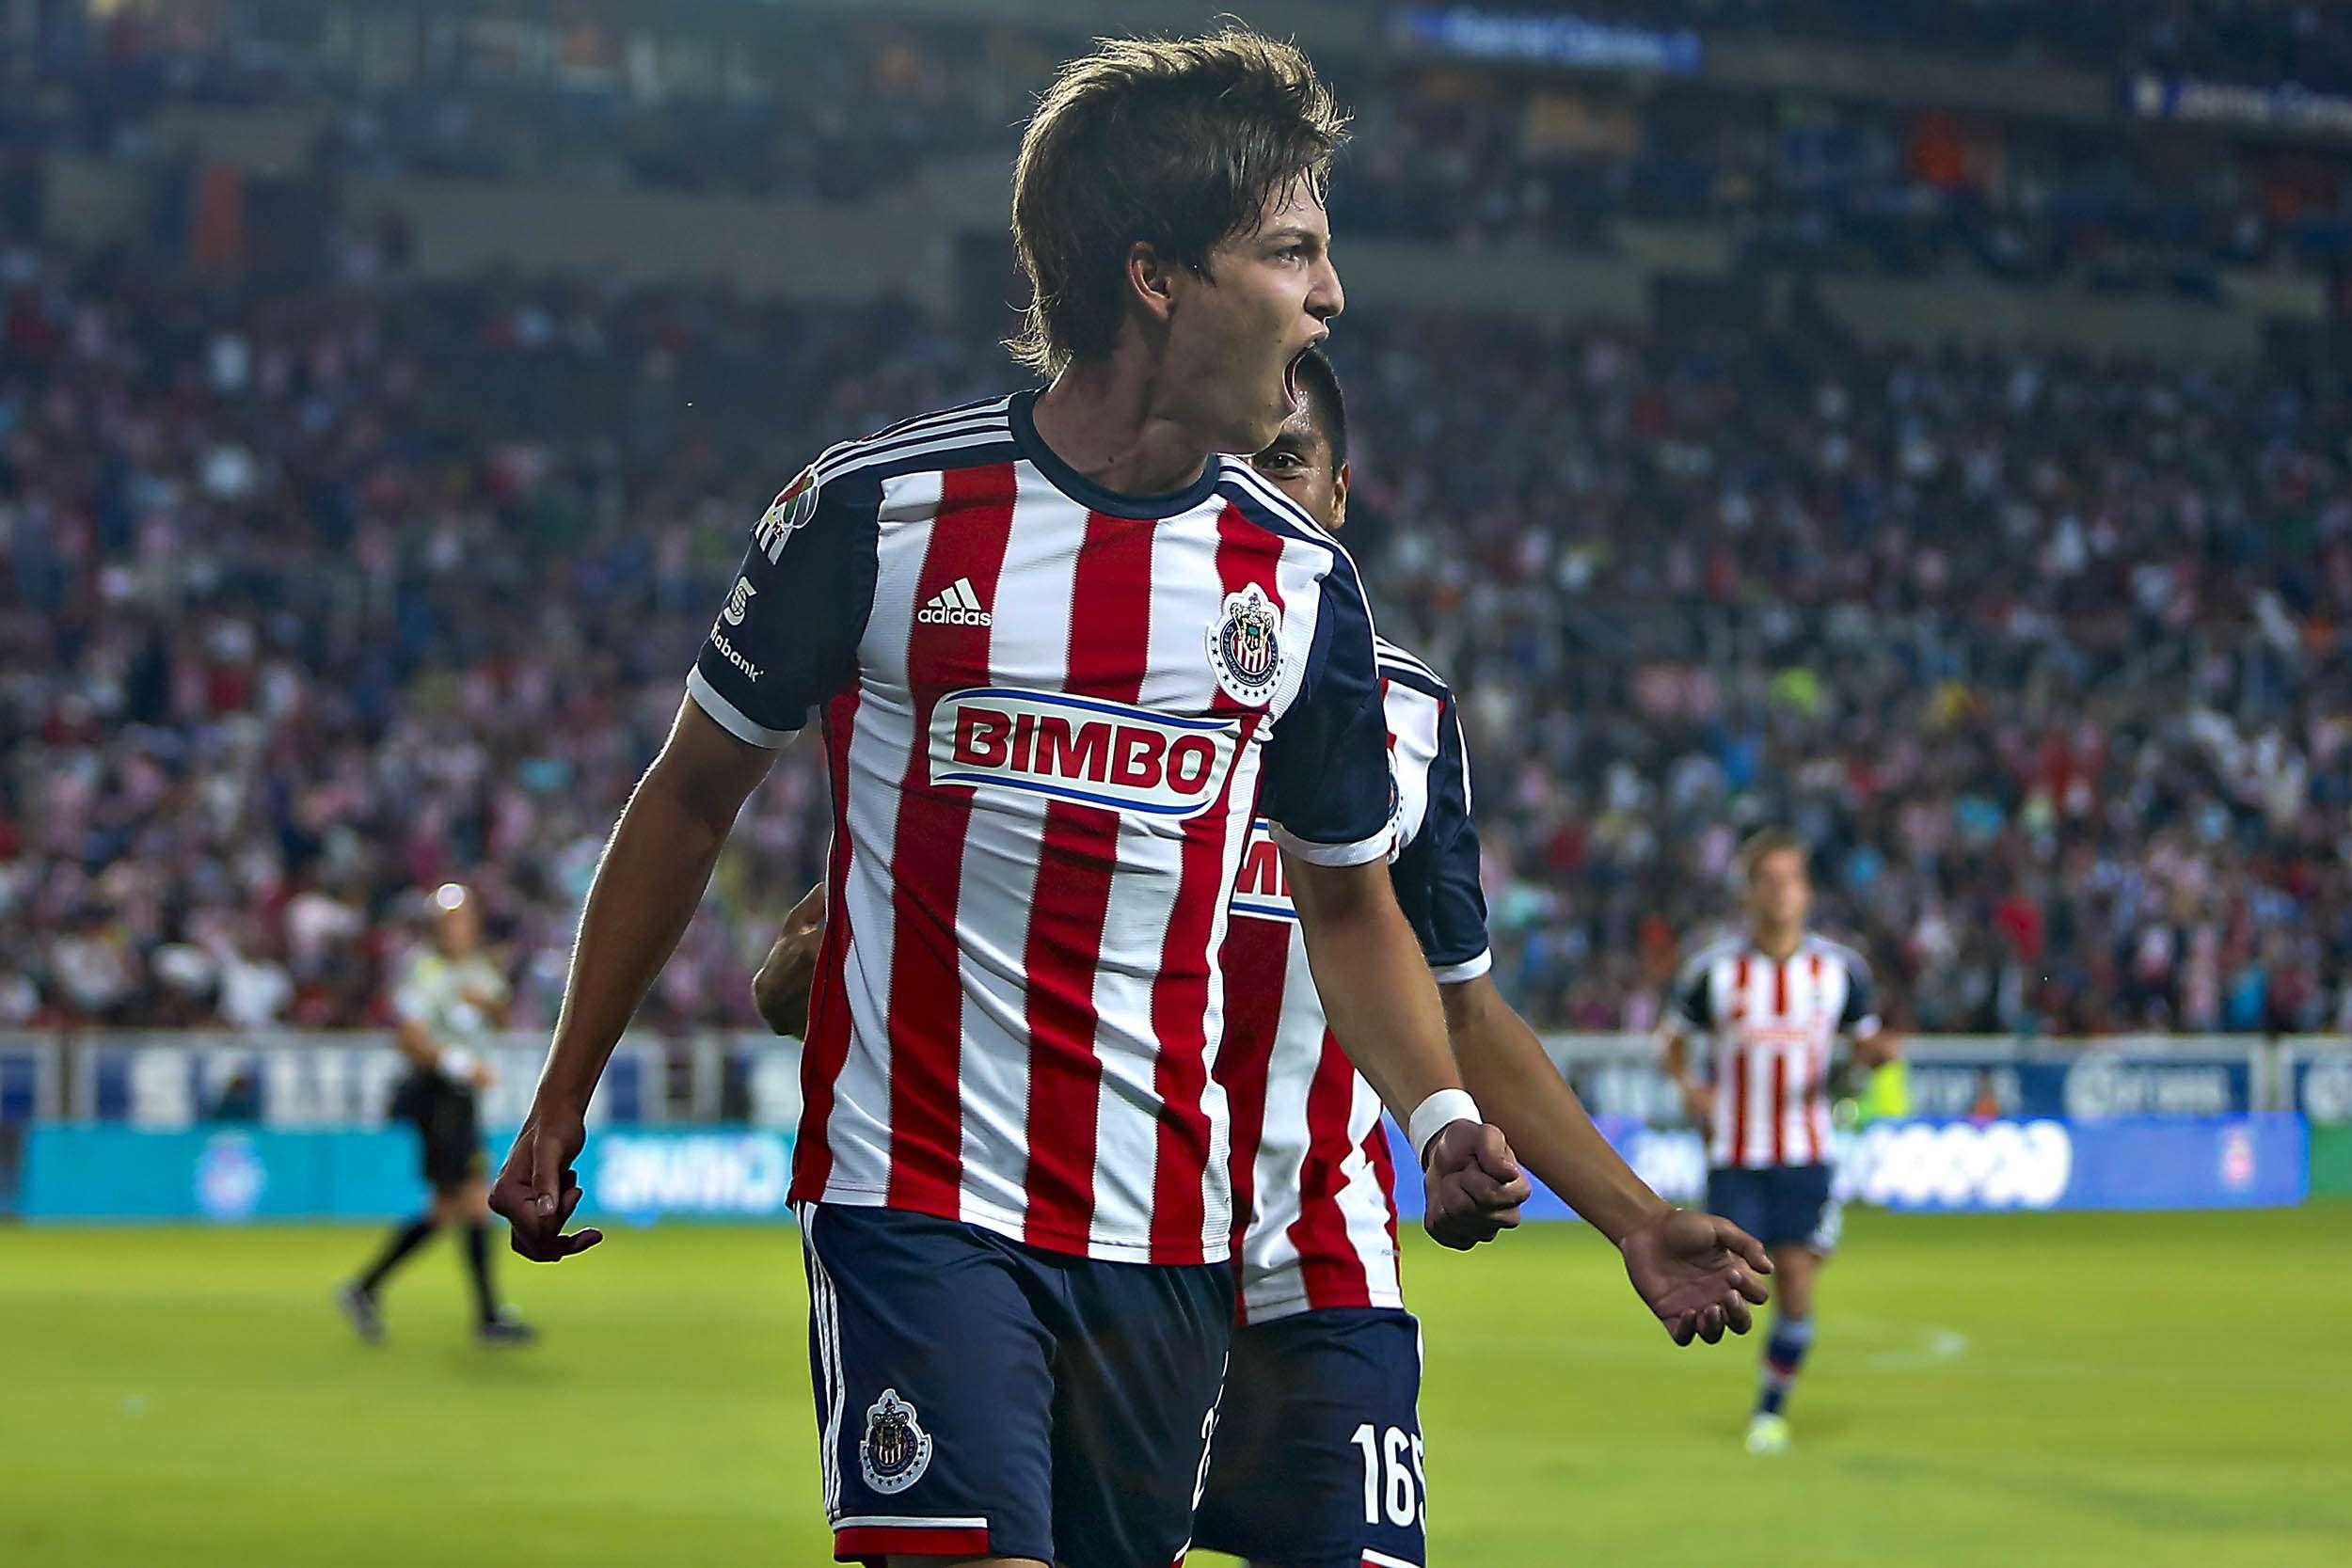 Carlos Fierro palpa la urgencia del rebaño para sumar tres puntos ante el rival directo por no descender. Foto: Imago 7